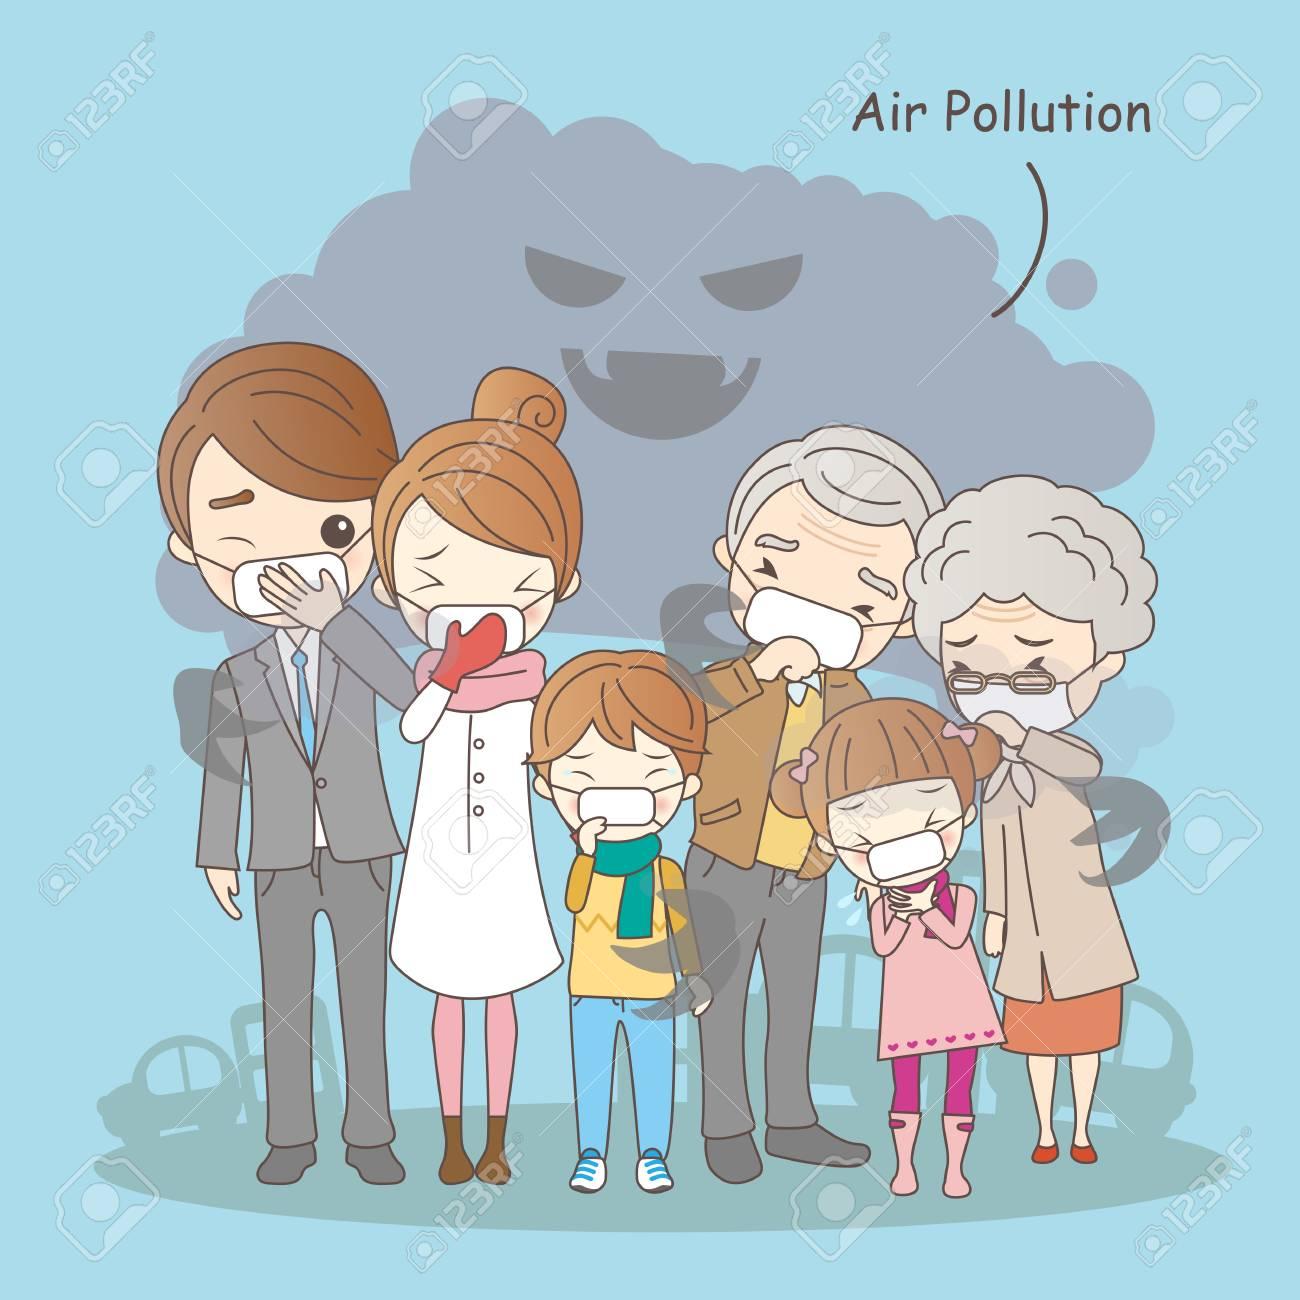 Familia De Dibujos Animados Con La Contaminación Del Aire Ideal